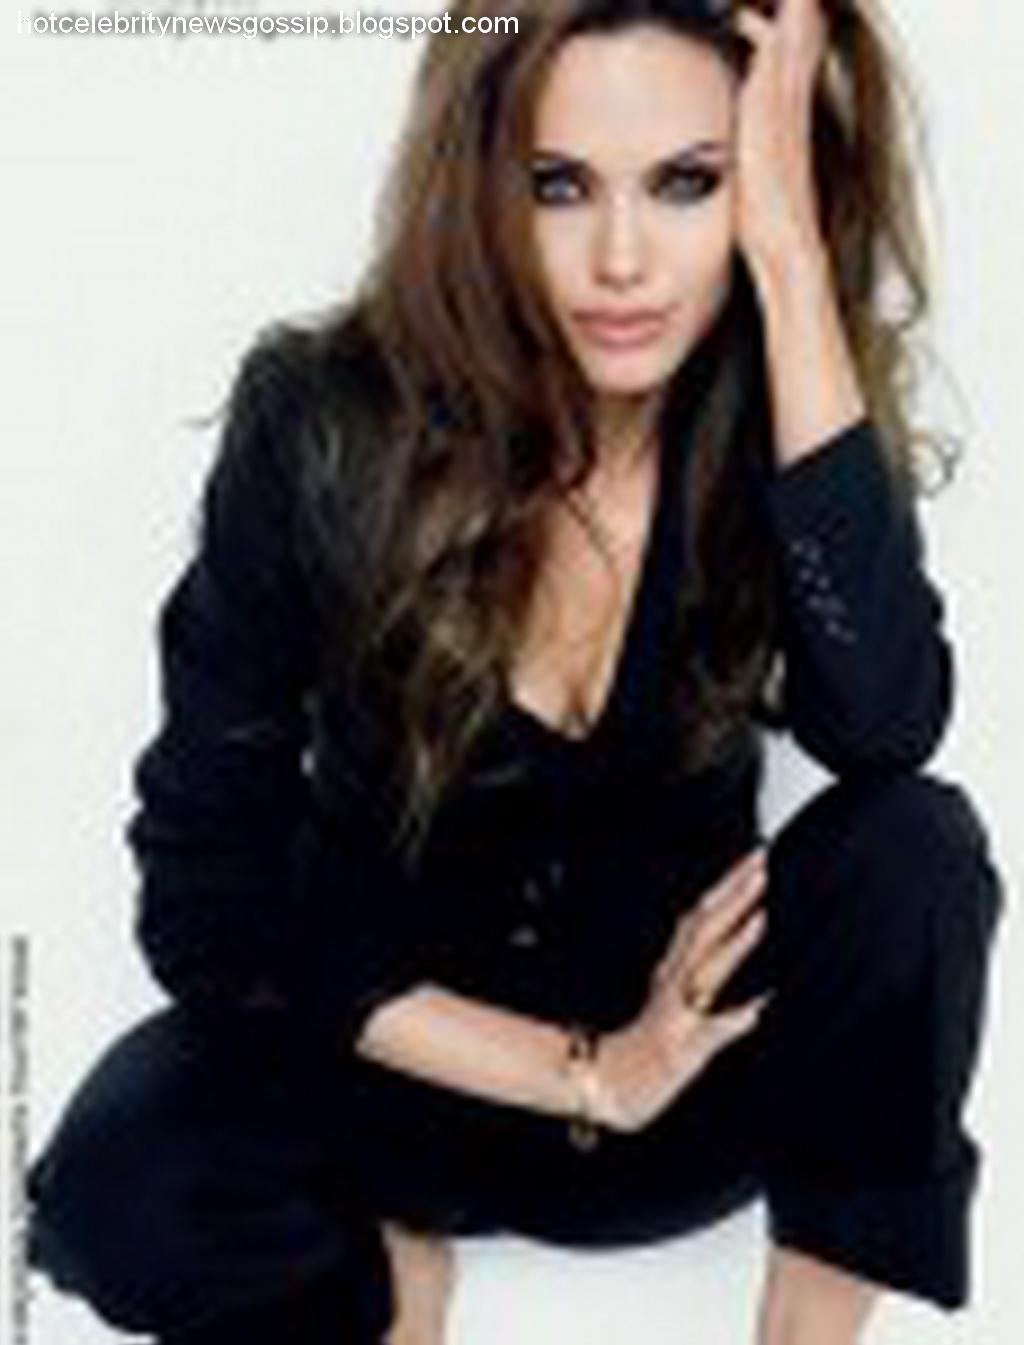 http://4.bp.blogspot.com/-XLcc0neFbVE/TngZqfSonzI/AAAAAAAAAQs/qEsvA9TFx98/s1600/hotcelebritynewsgossip.blogspot.com_angelina-jolie.jpg